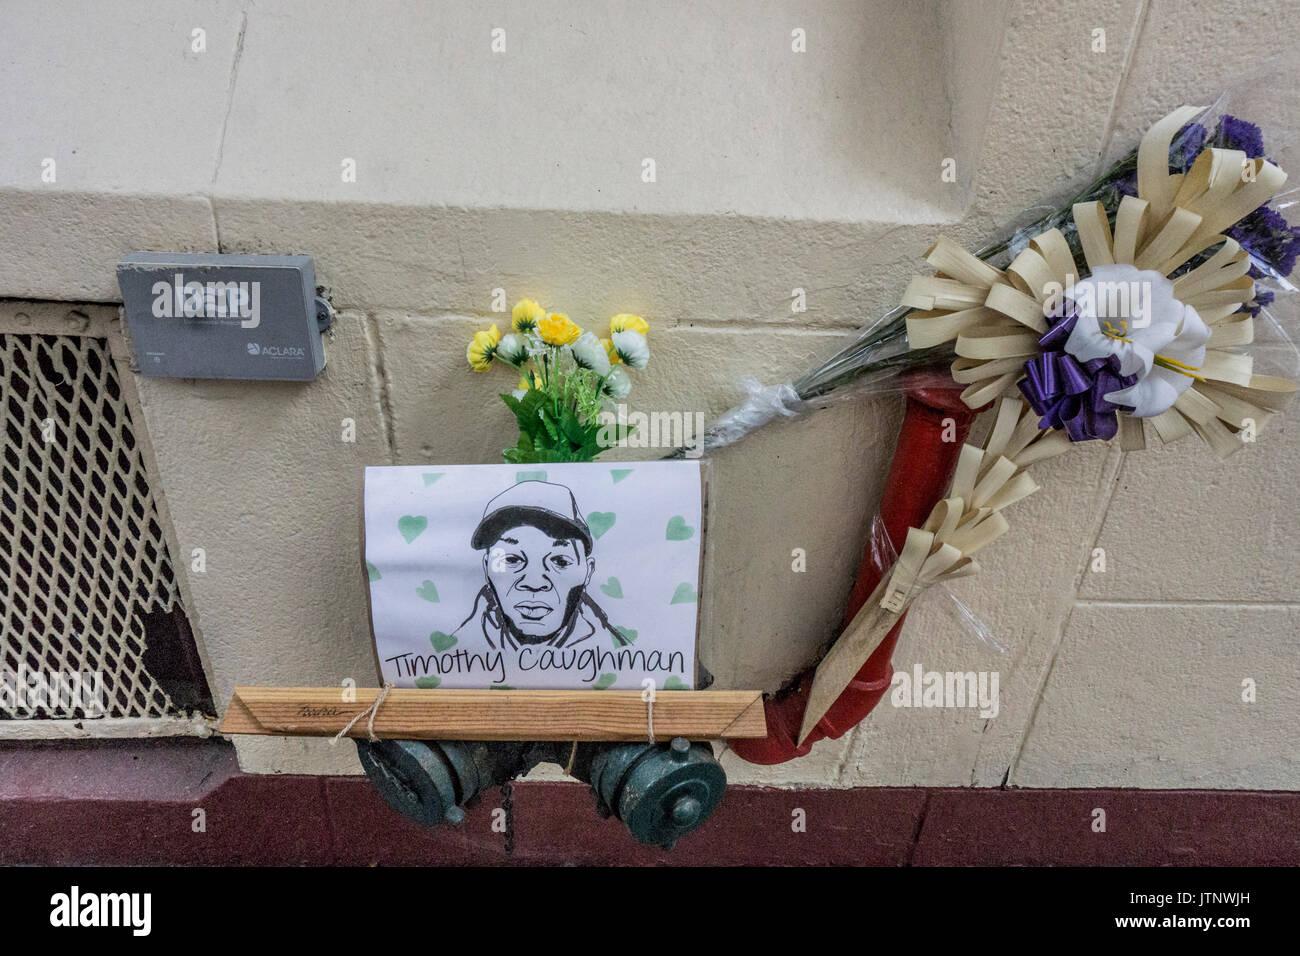 Monumento homenaje a negro víctima de crimen de odio incluyen tinta magnífico retrato de su rostro sombrío sujeta al tubo vertical en 36th Street NYC Garment District Imagen De Stock